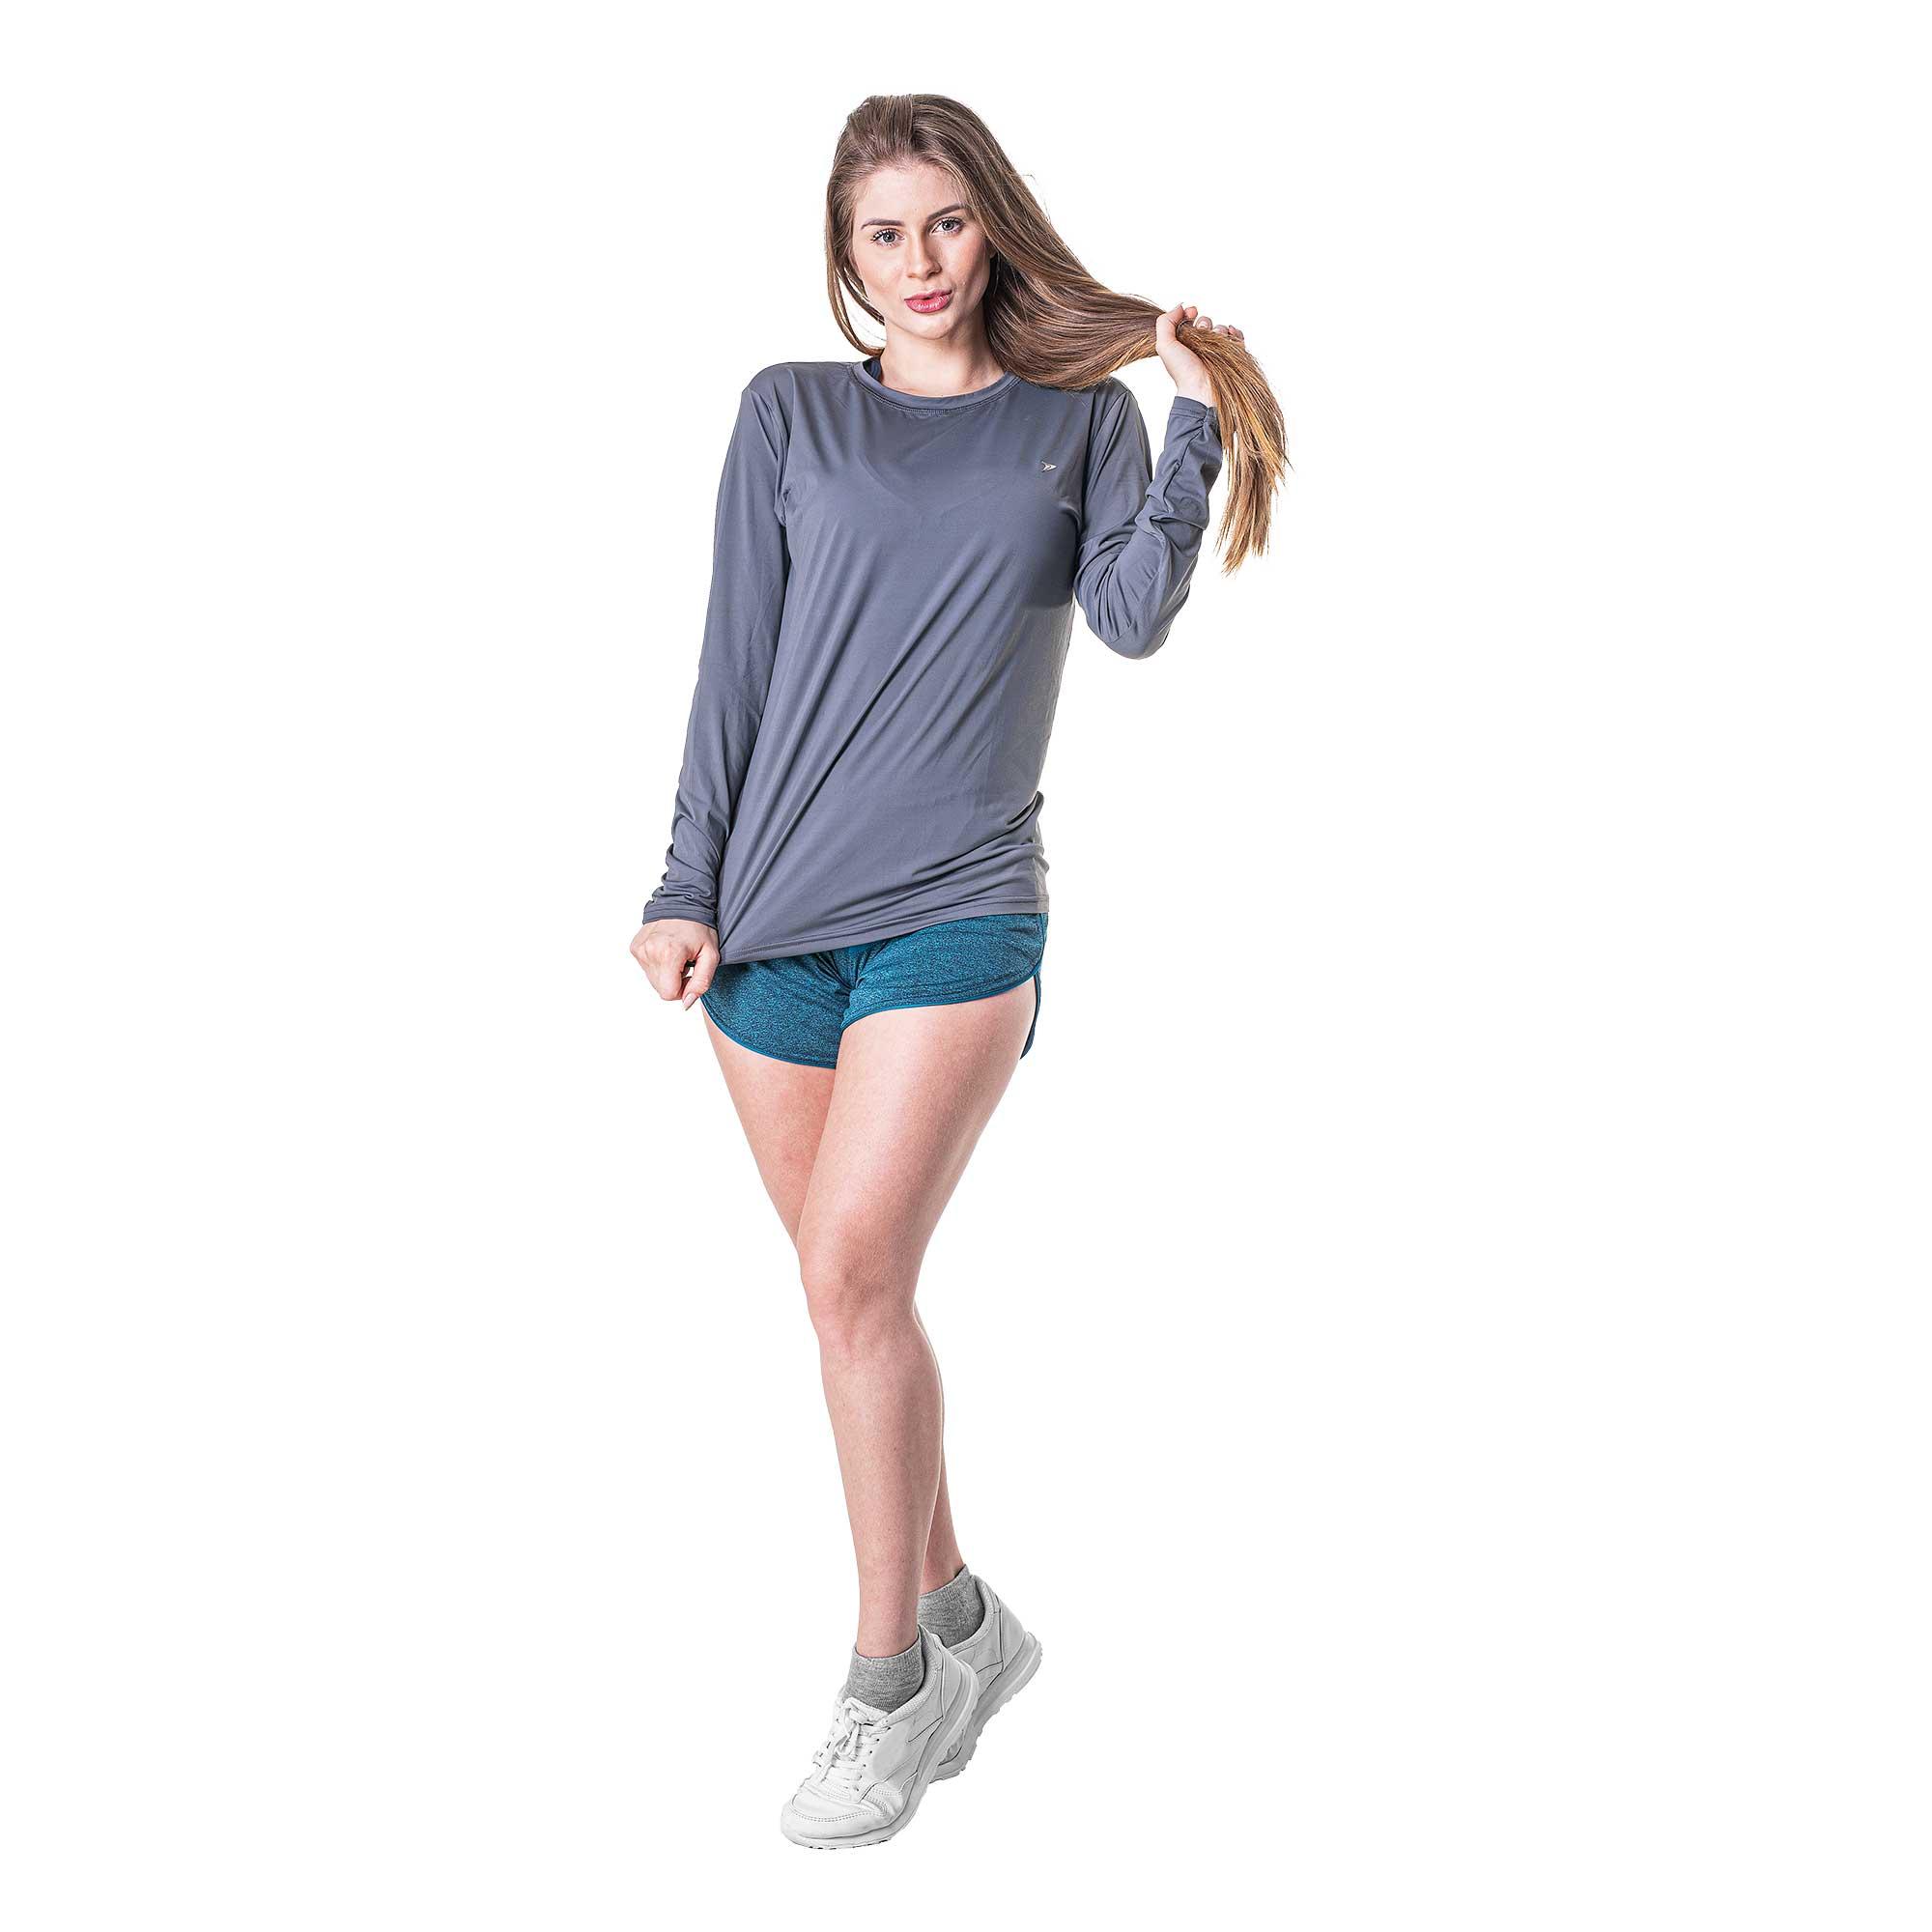 Camisa Fator de Proteção Comfort UV 50+ Poliamida M/L 04126